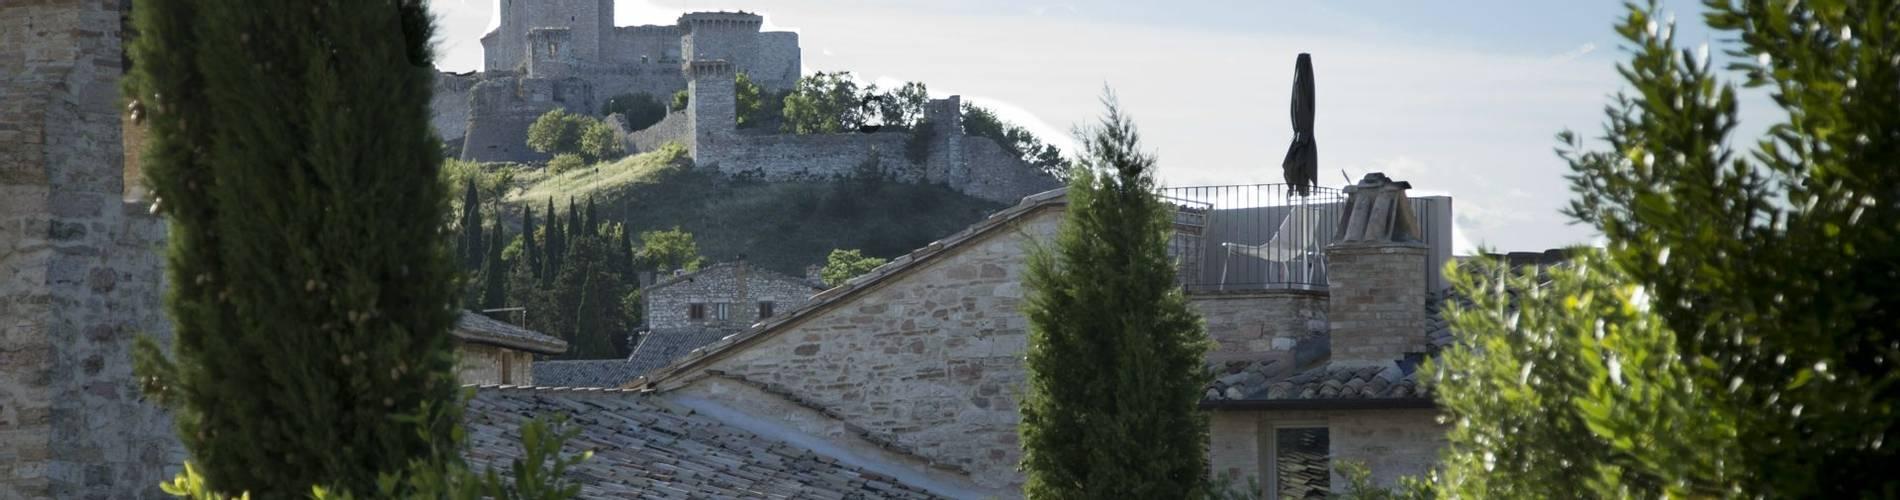 Nun Assisi Relais & Spa, Umbria, Italy (7).jpg